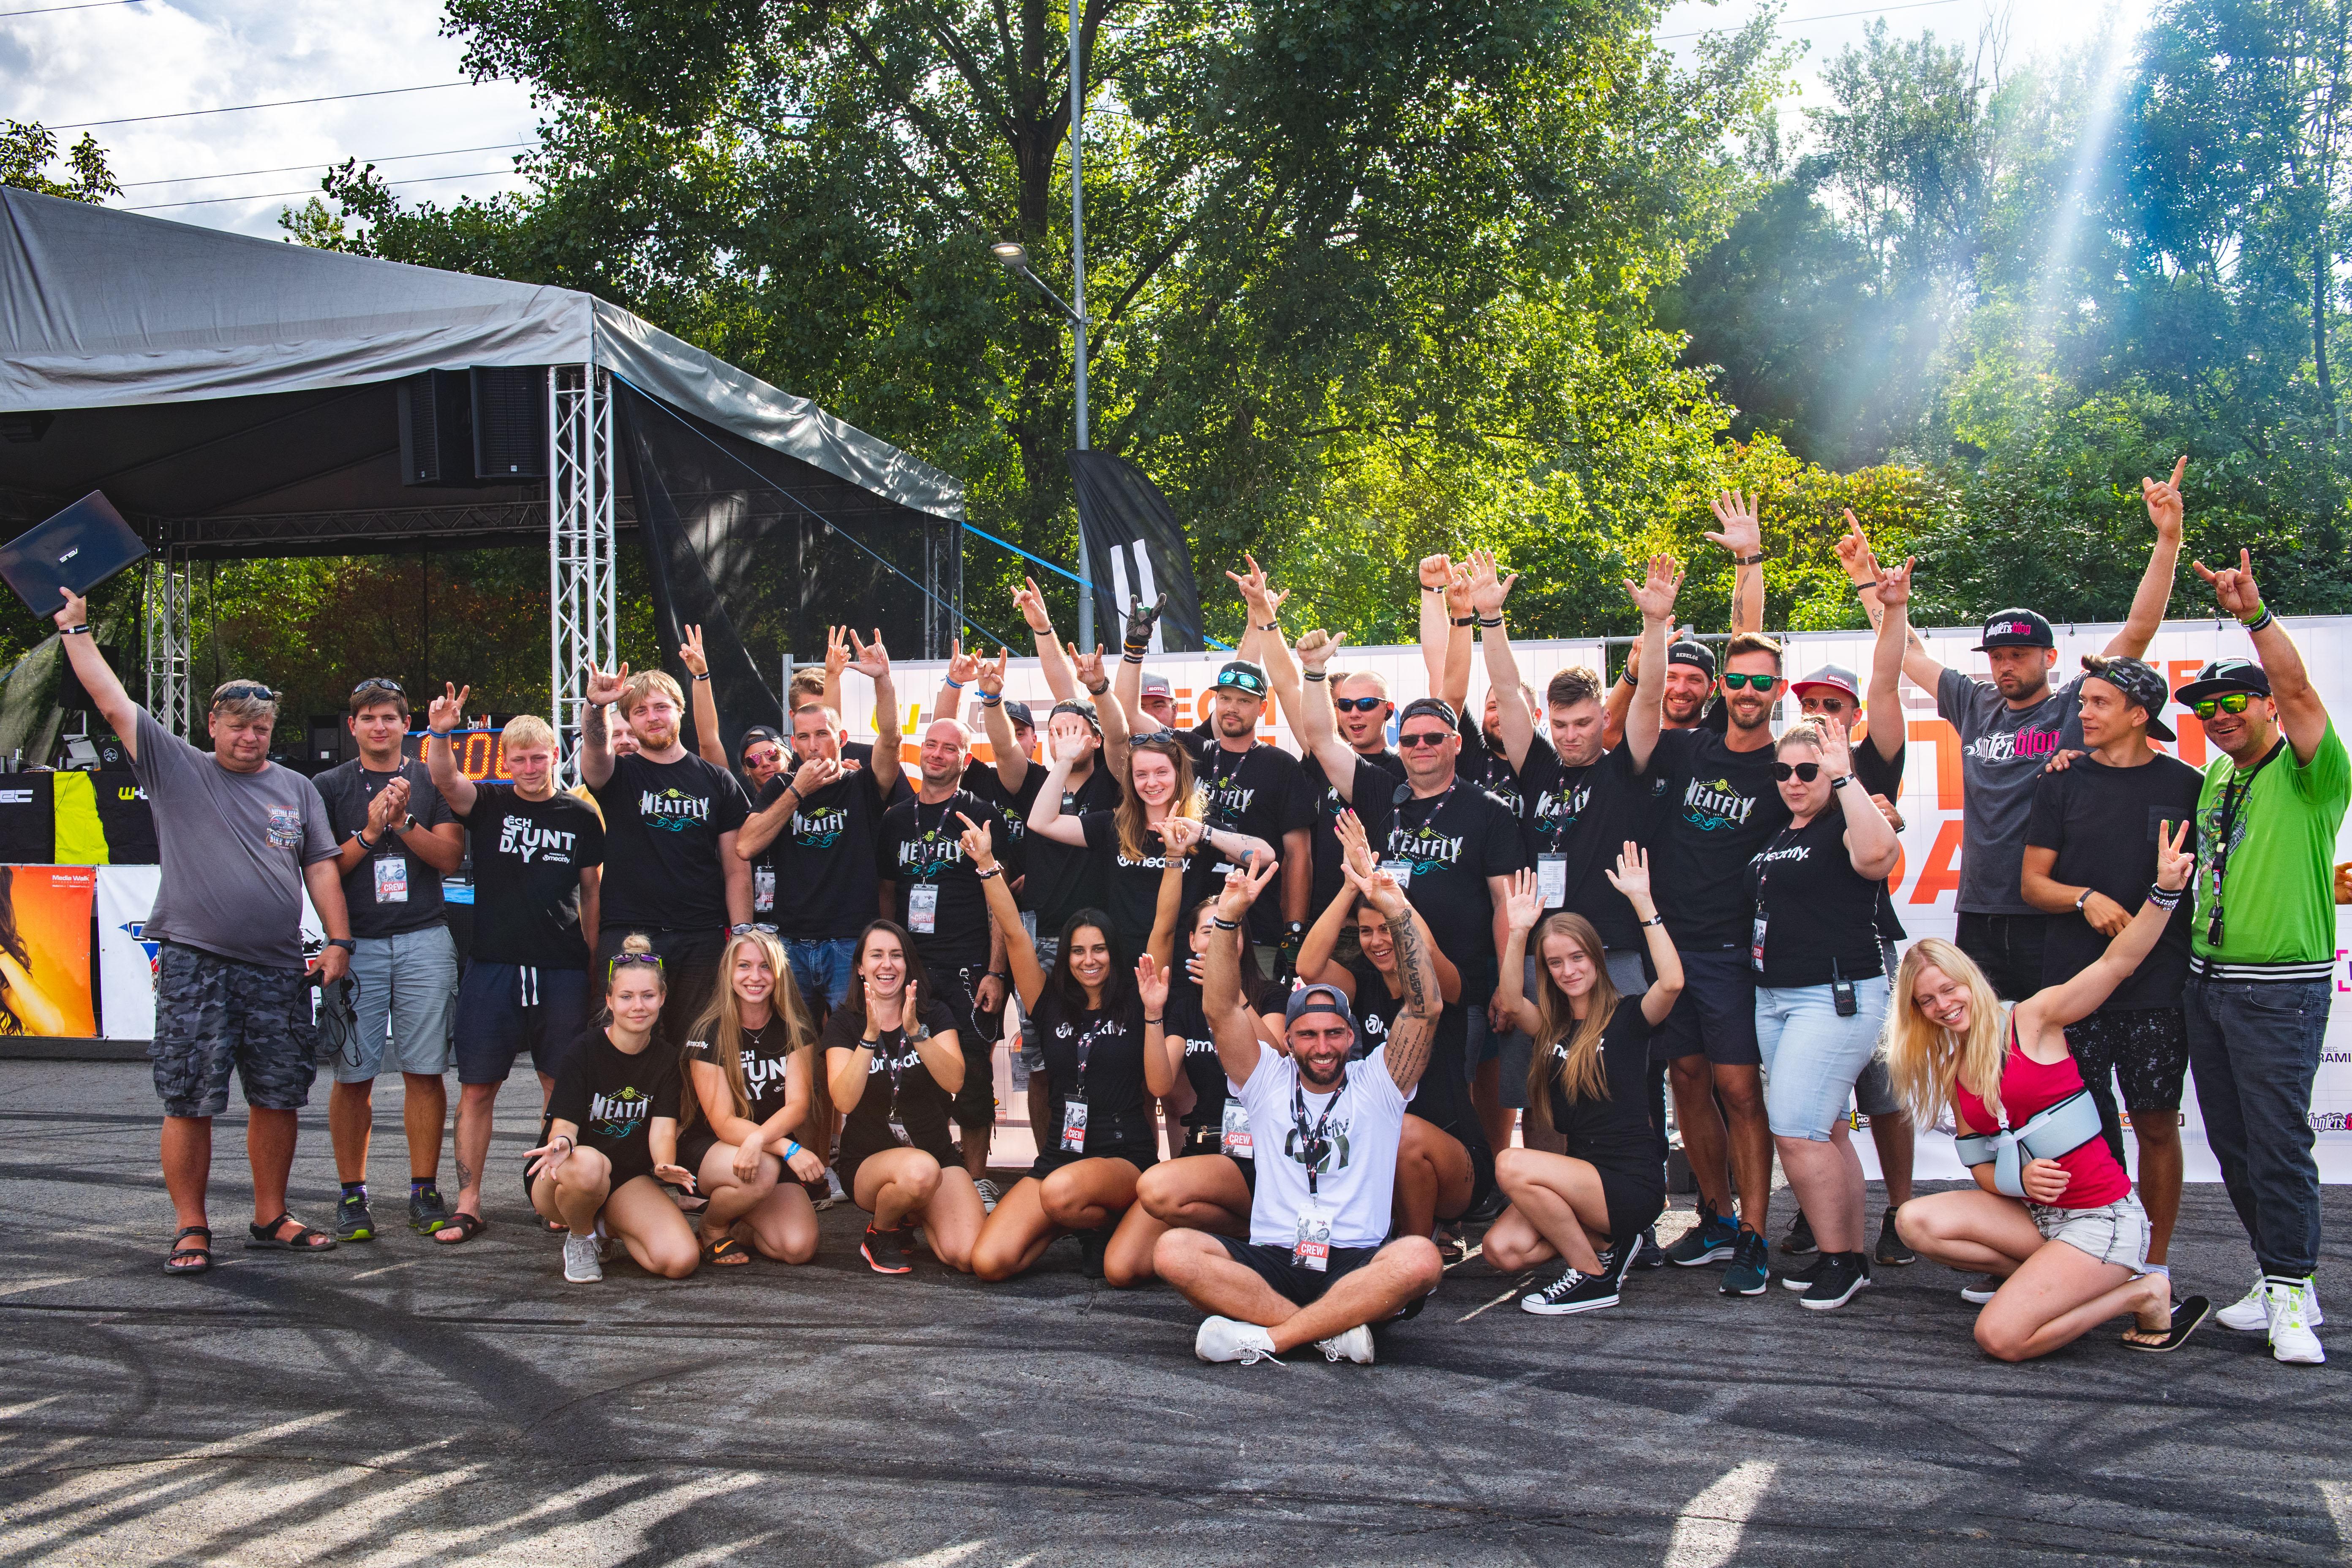 <p>PF 2021 Přátelé, jedním slovem od srdce DĚKUJEME! Za Vaši přízeň, za Vaši podporu, a že díky Vám jsme opravdu i letos mohli uskutečnit Czech Stunt Day a neporušit tak naši tradici! Nesmíme zapomenout na březnové Czech Stunt Grand Prix na motosalonu v Brně, které mělo obrovský úspěch a my […]</p>